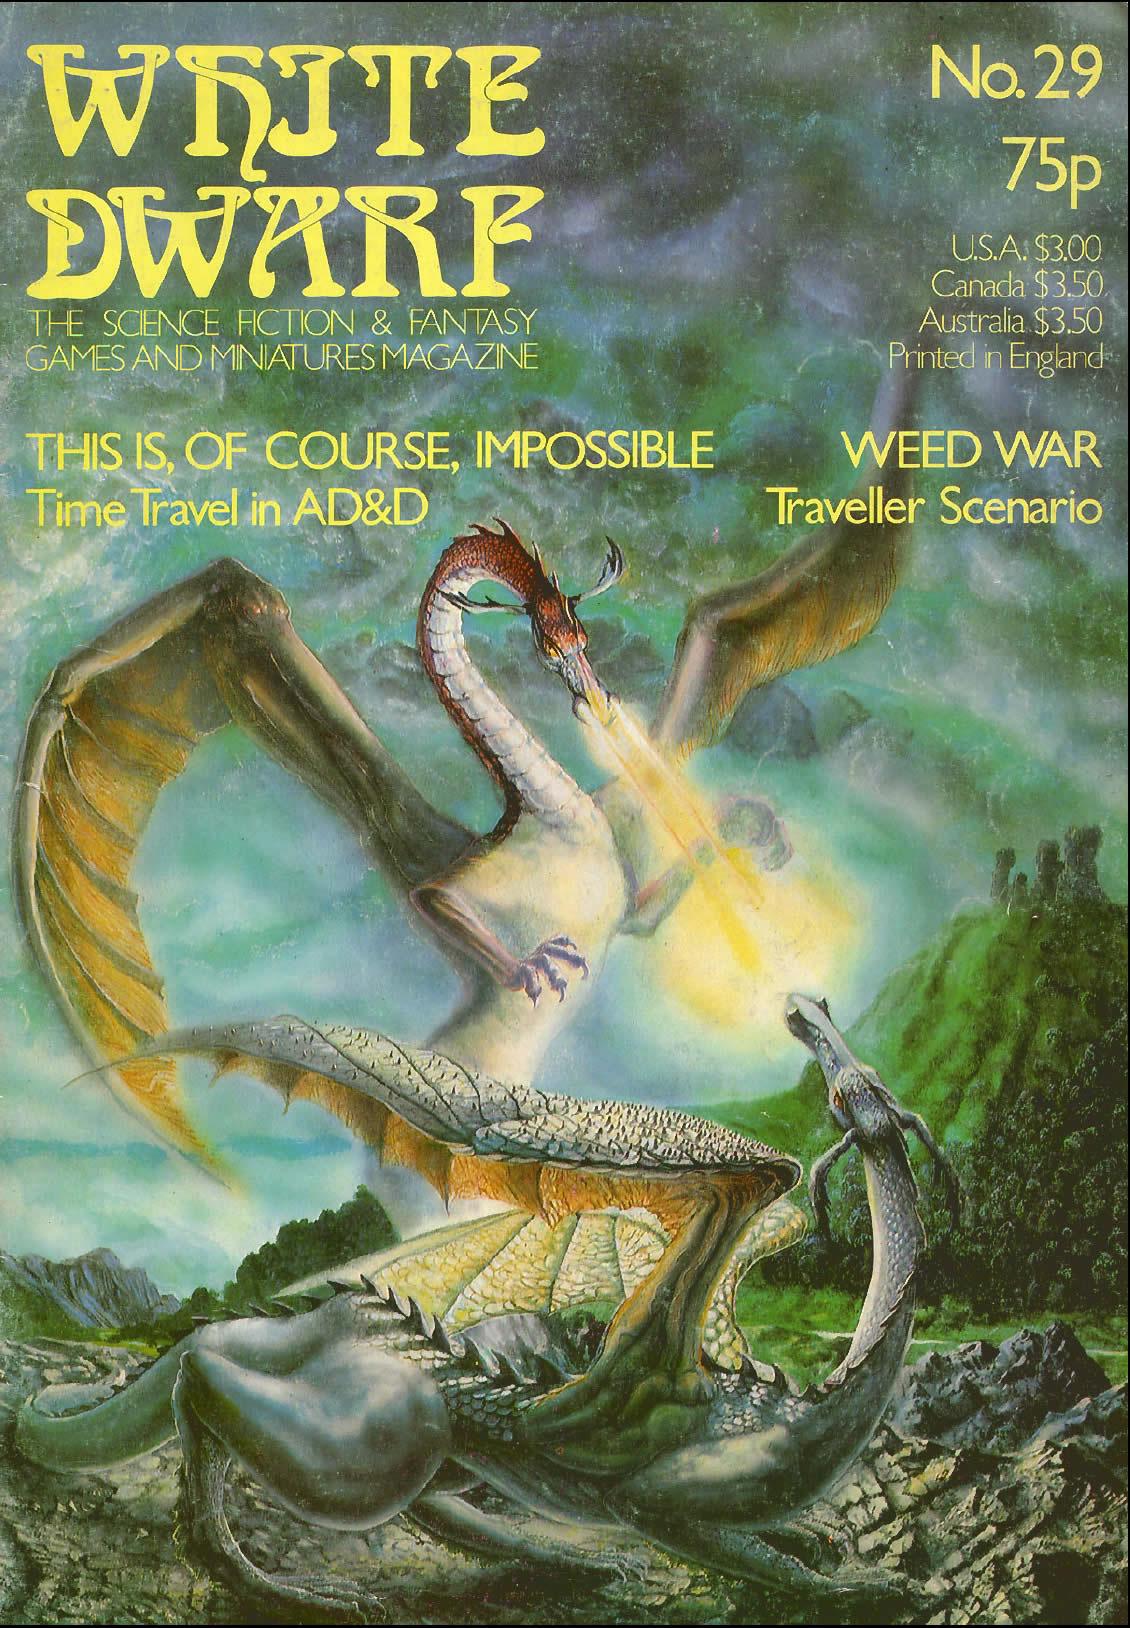 White Dwarf 29